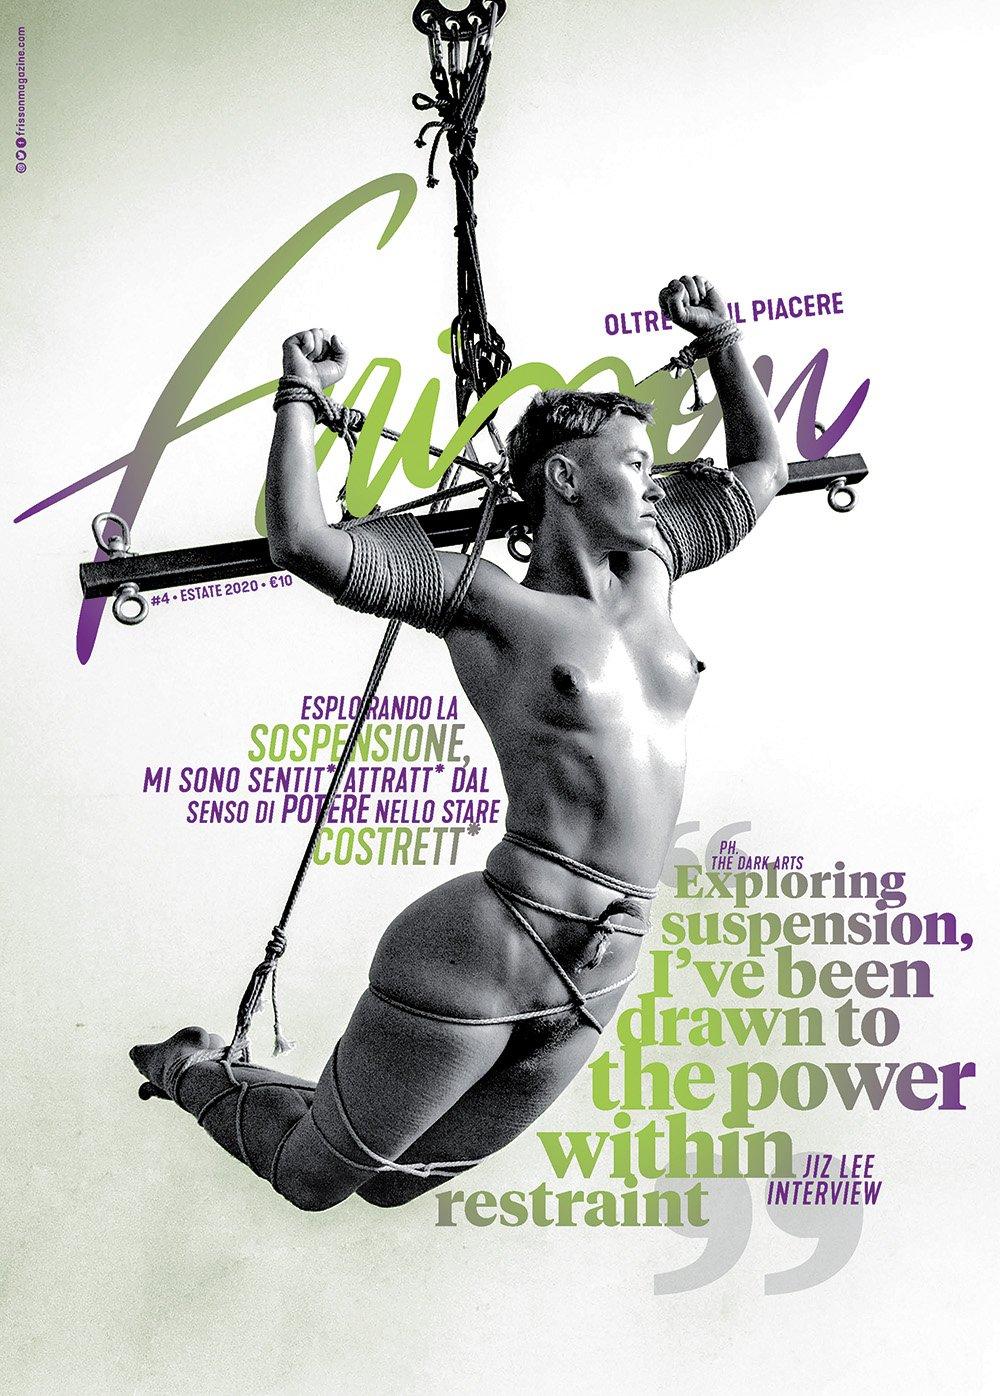 Signed FRISSON Issue (Magazine)